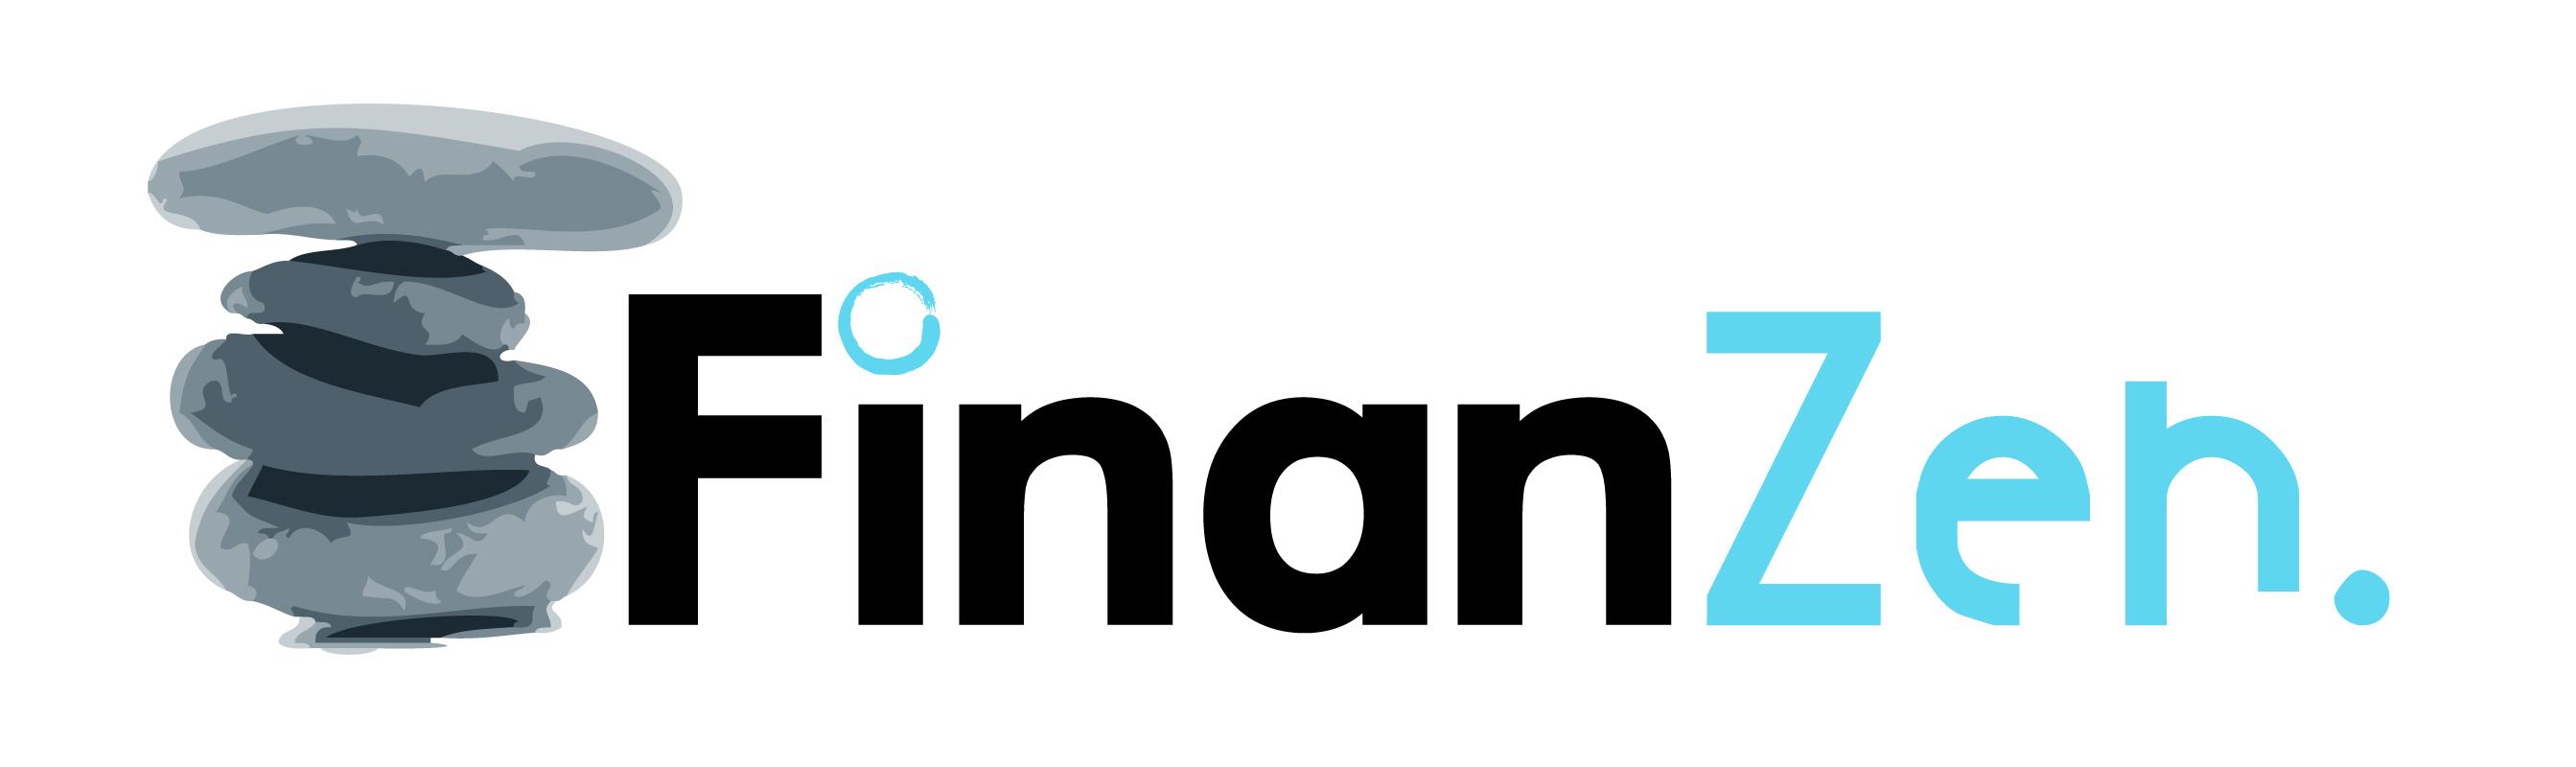 klant_finanzen_logo